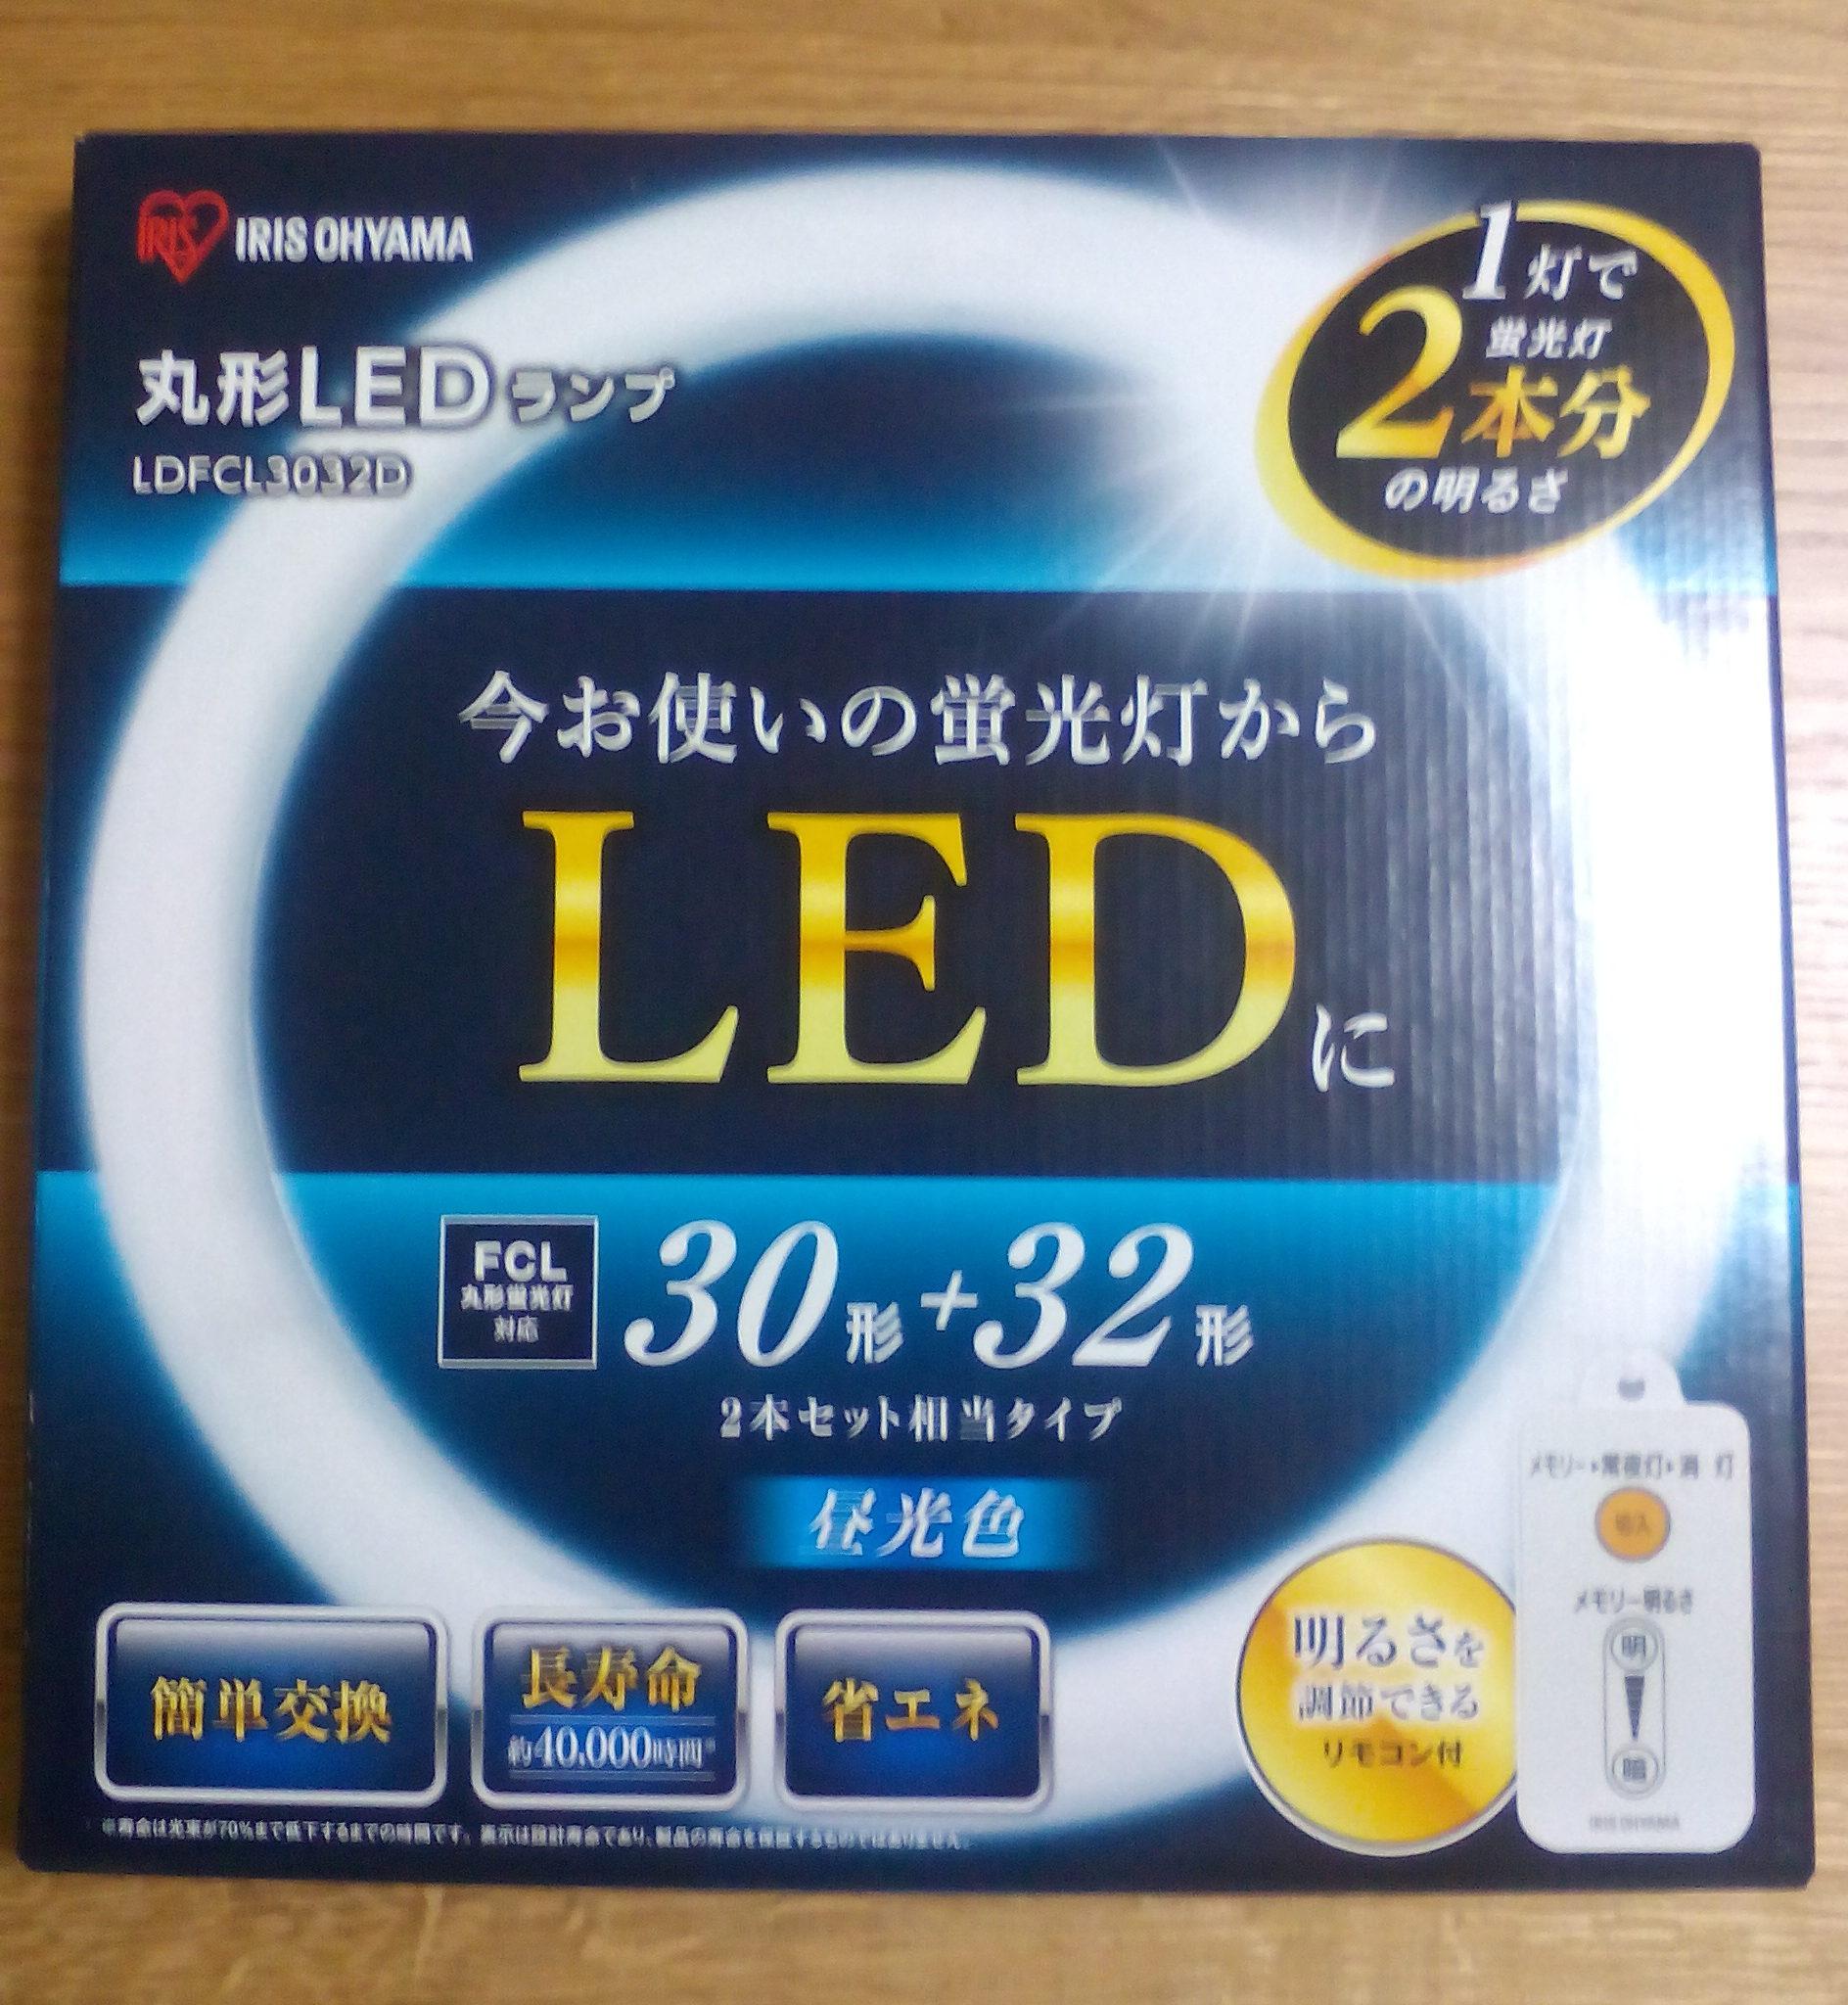 丸形蛍光灯を丸形LEDライトに交換!天井灯アダプターを捨てることなくそのまま生かせた!